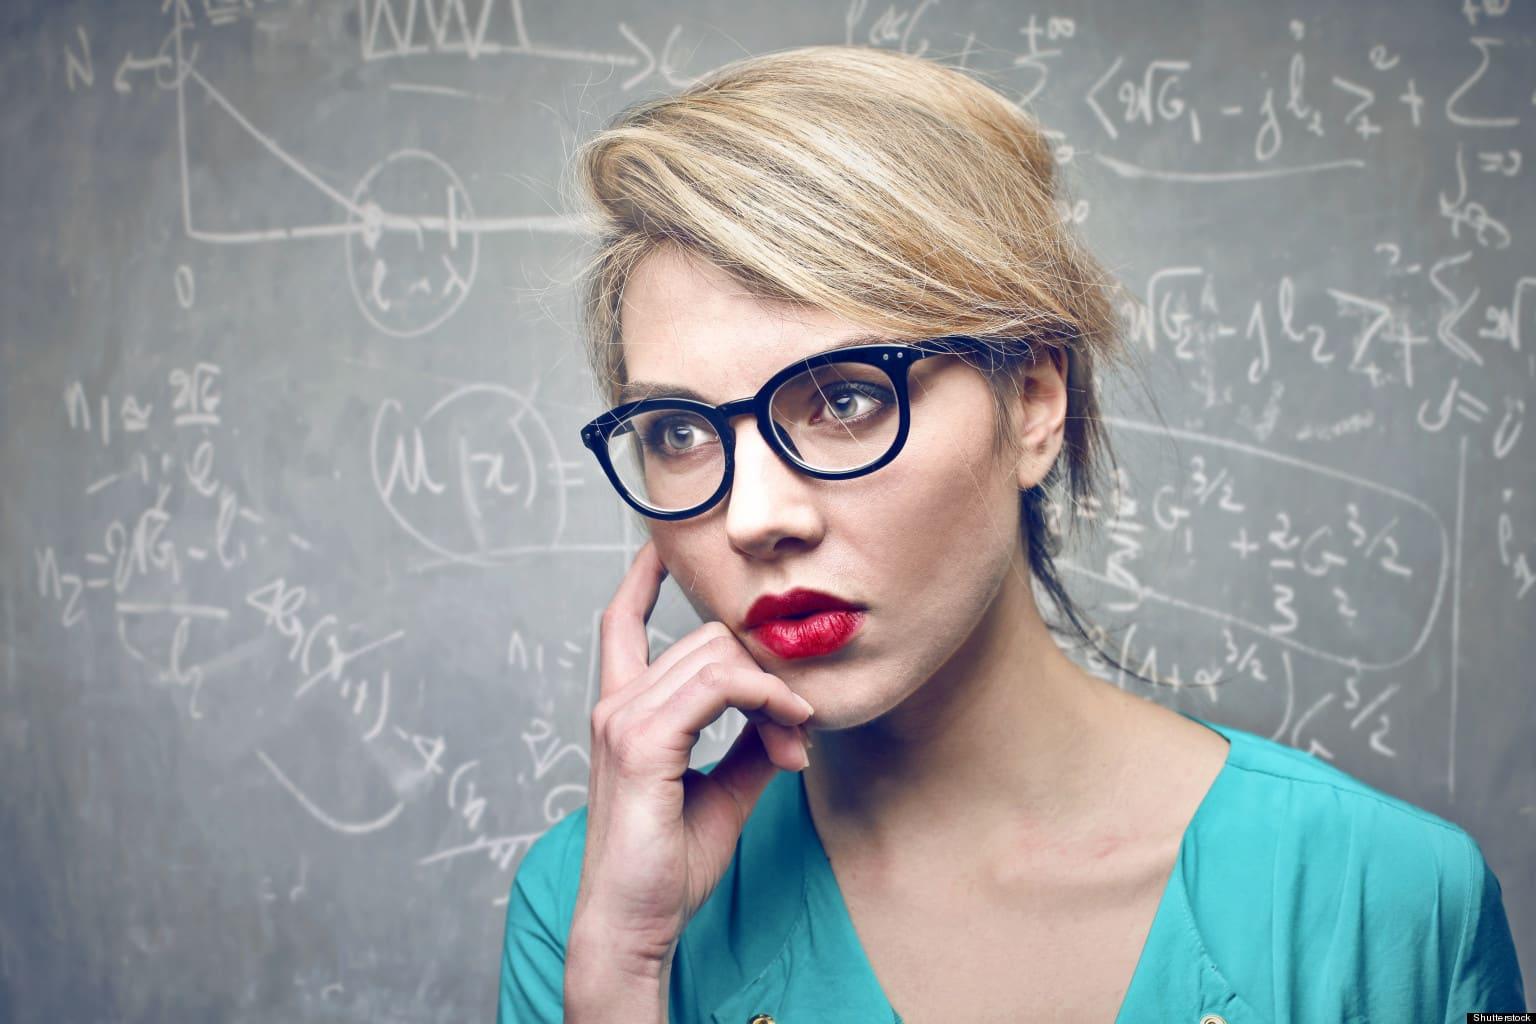 очки являются показателем высокого интеллекта